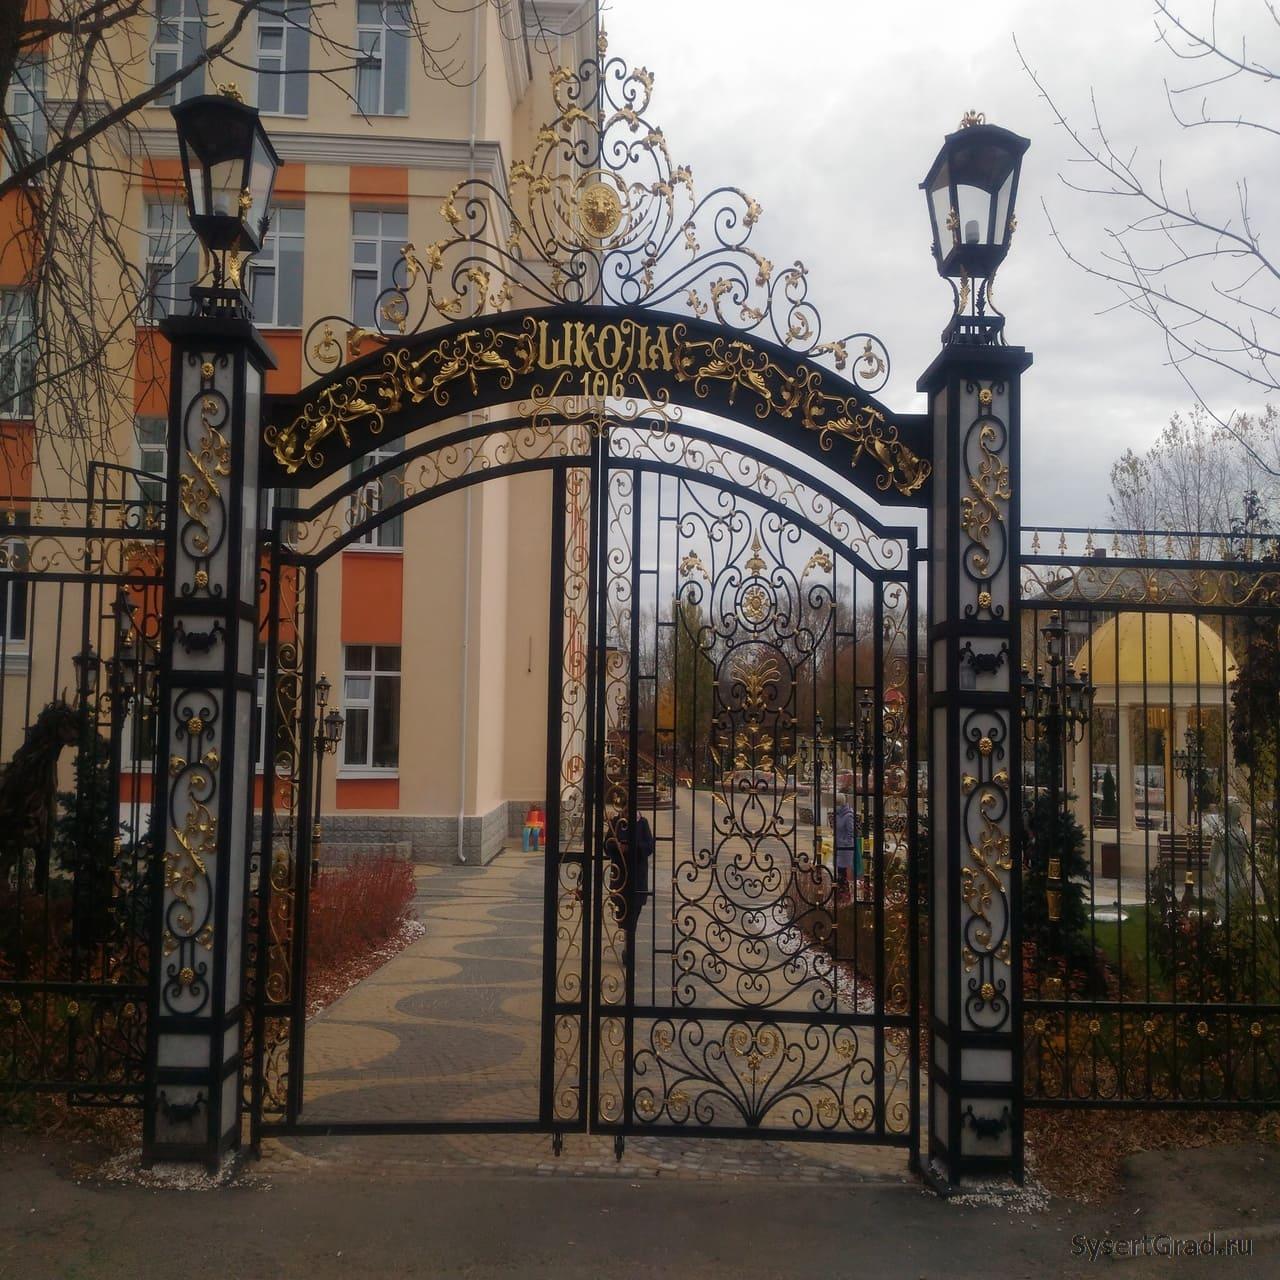 Школа 106 Екатеринбург